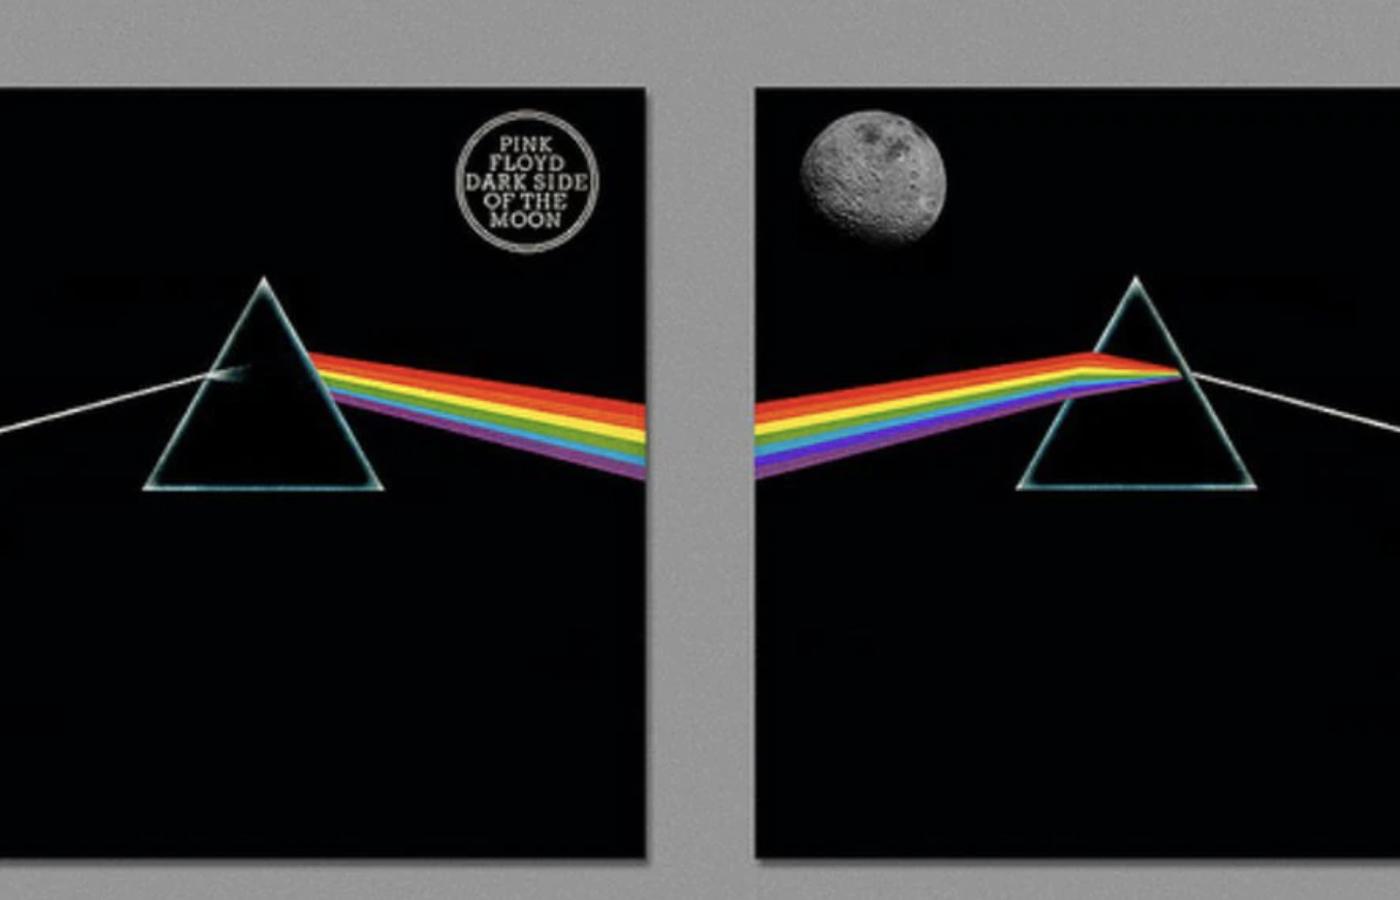 La música, la luz, su ausencia y el color.